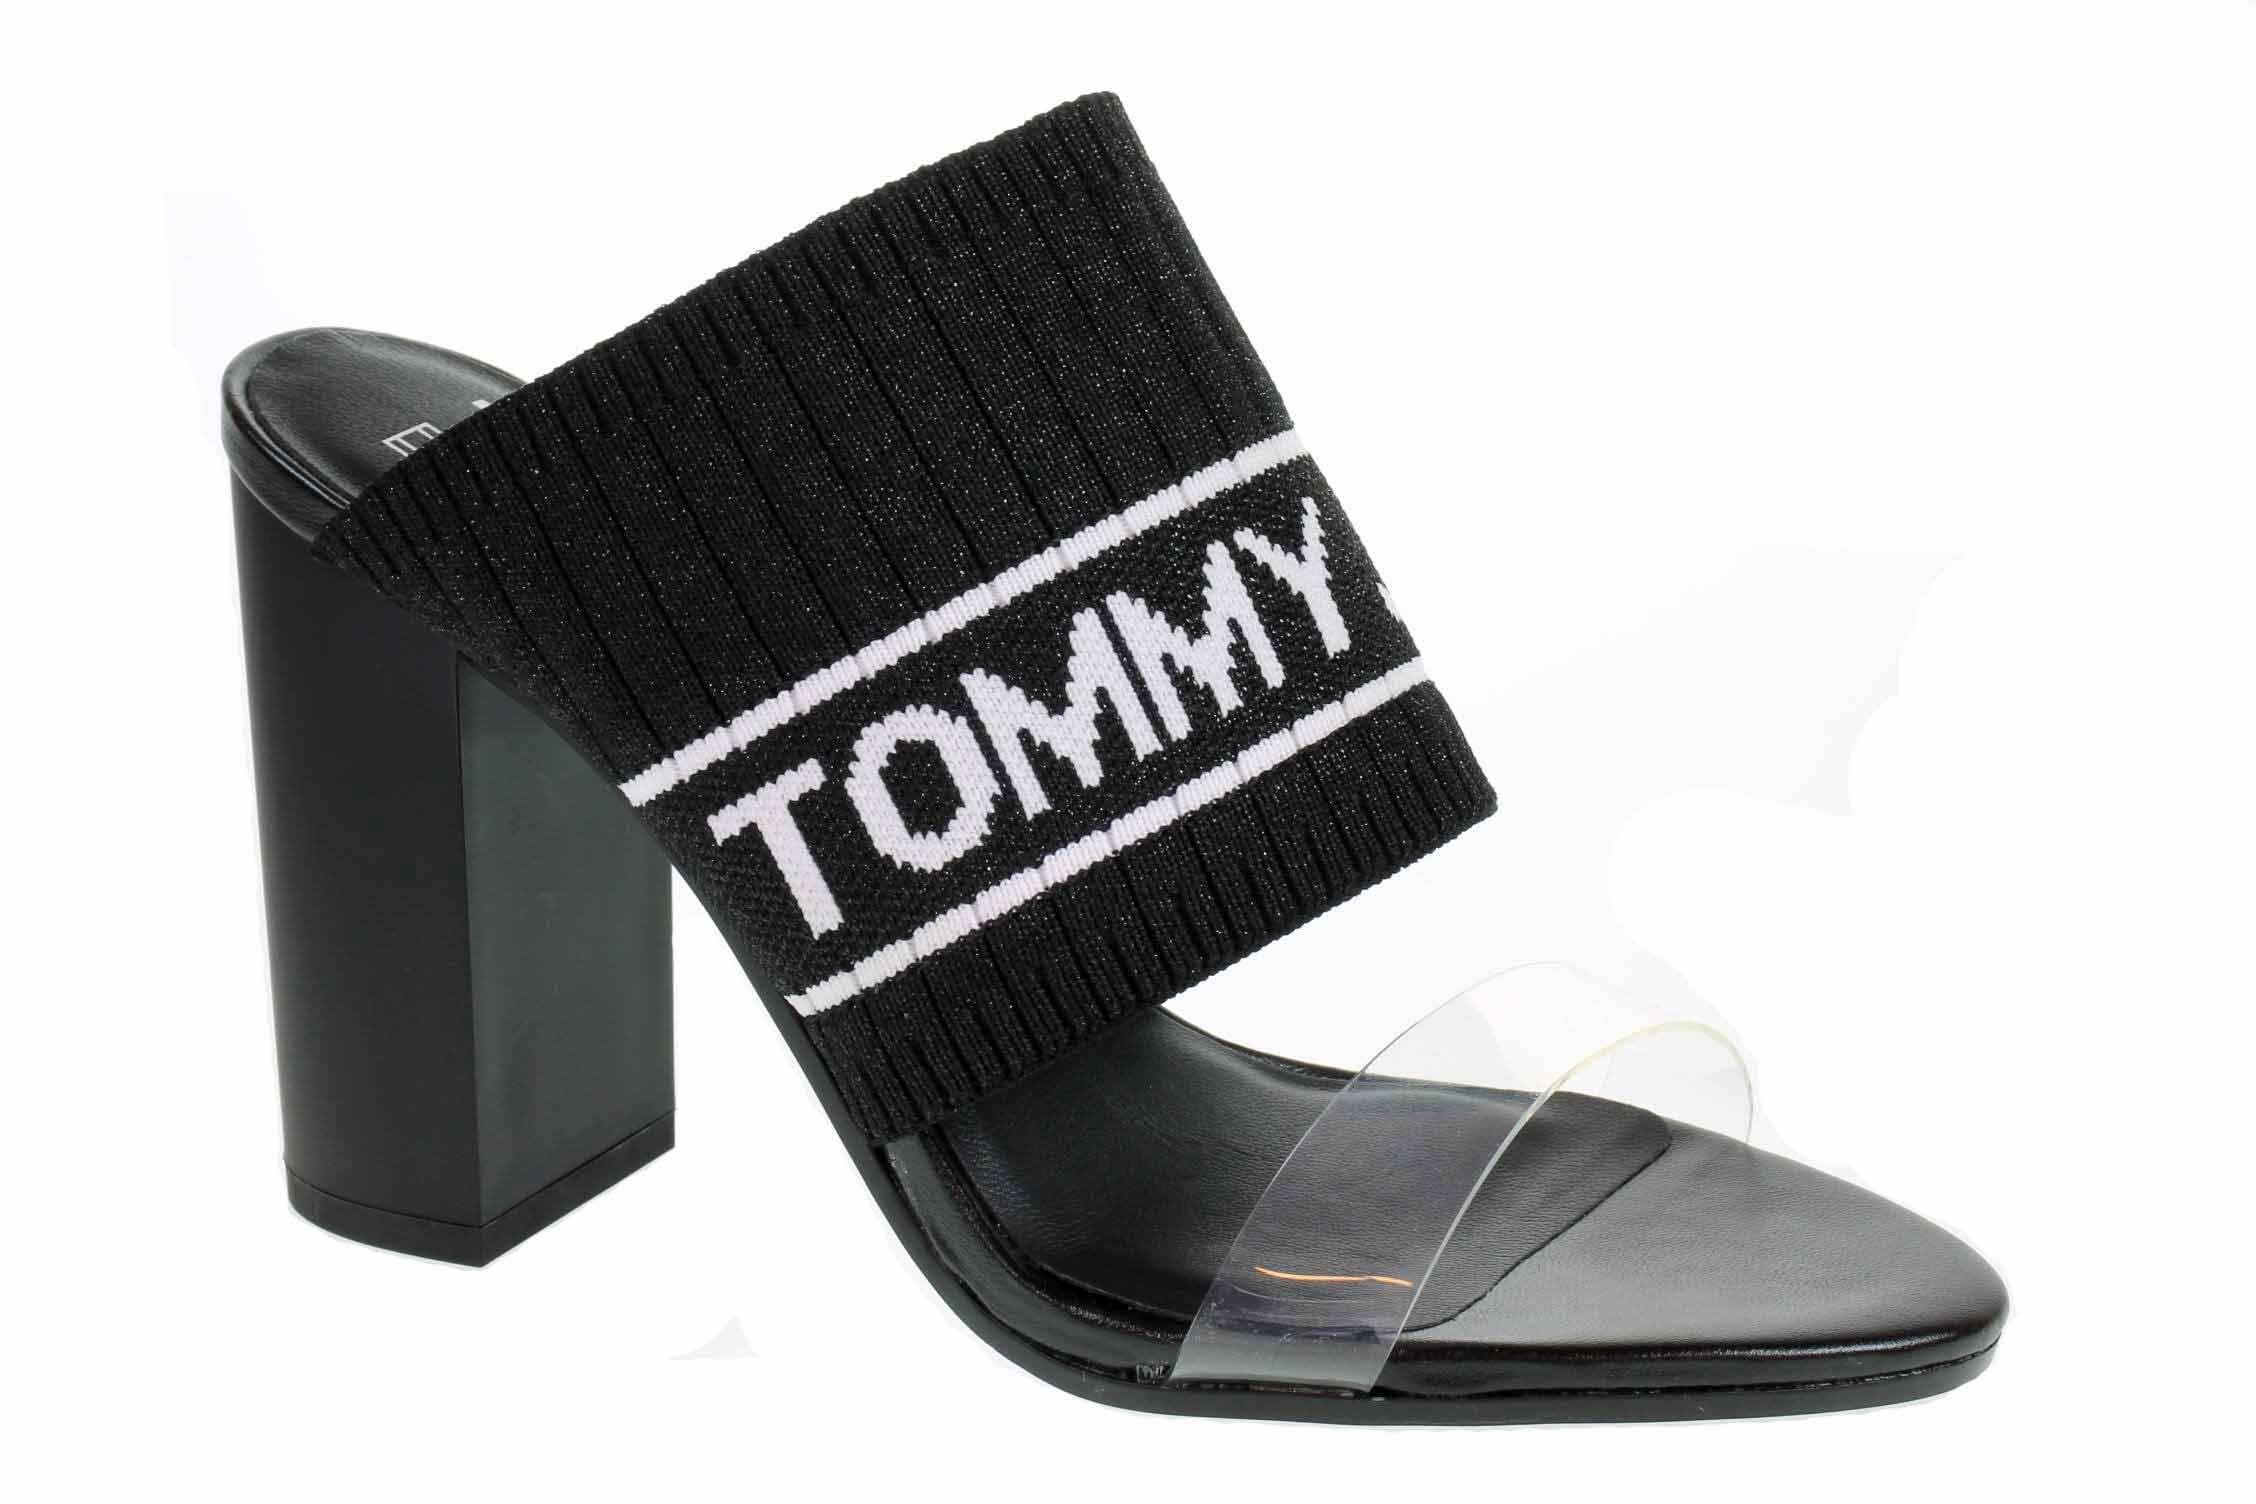 Tommy Hilfiger dámské pantofle EN0EN00532 black  1c7e02f5e8